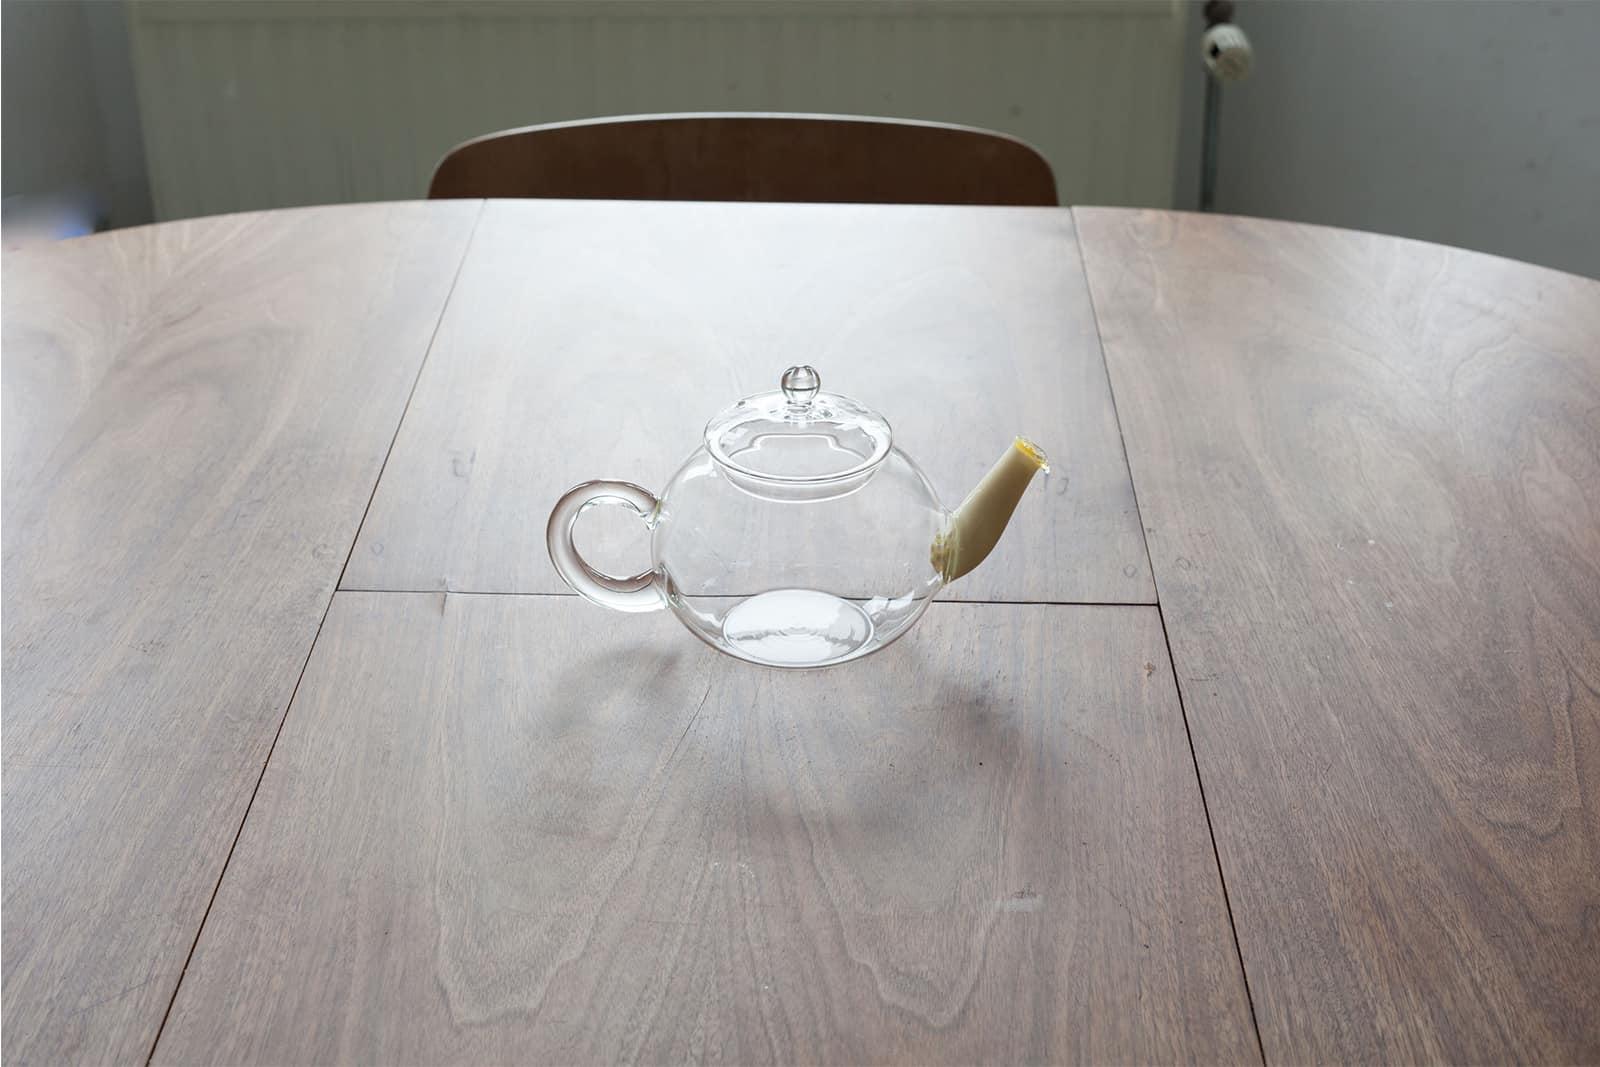 Nose by Mikko Kuorinki - Mayonnaise, teapot, 2015